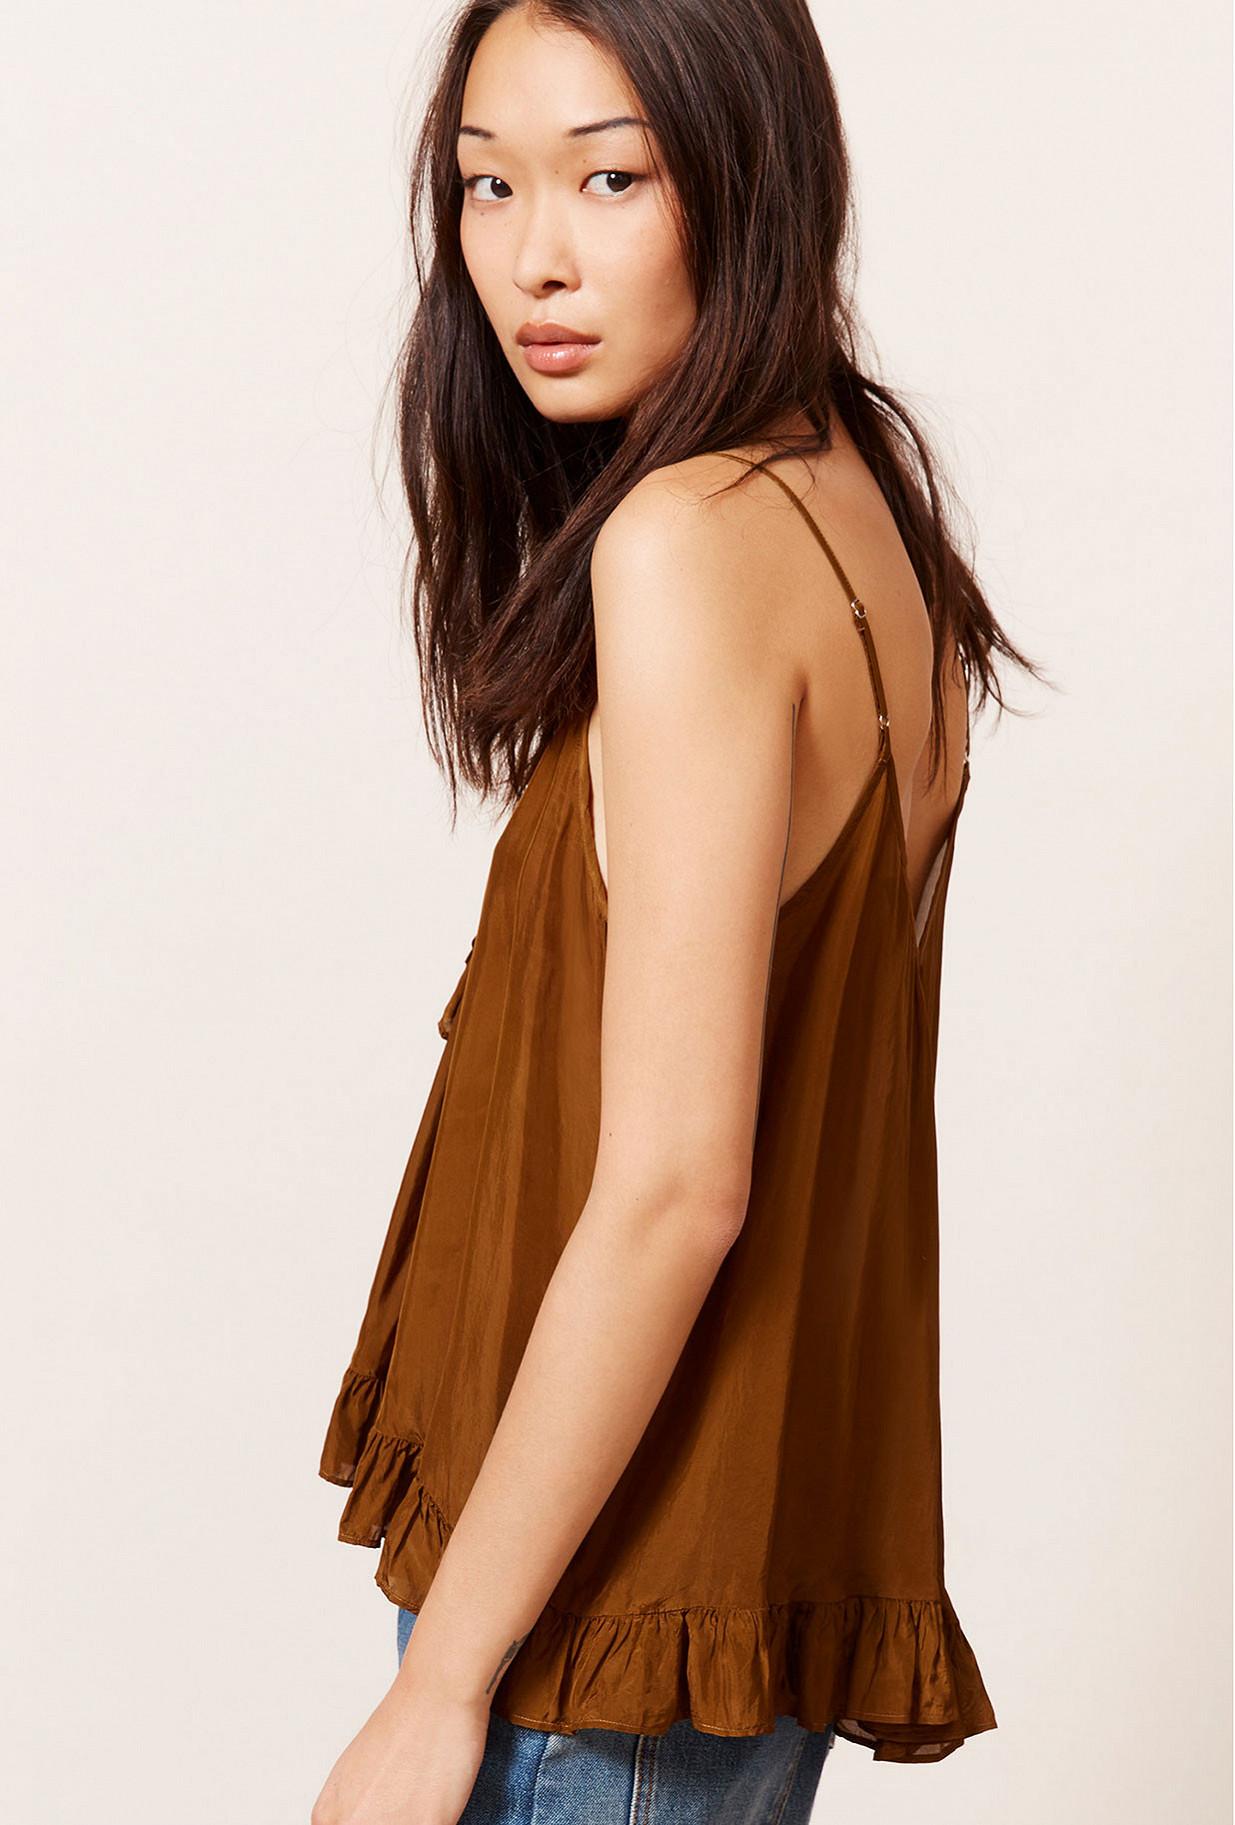 Khaki  Top  Habou Mes demoiselles fashion clothes designer Paris